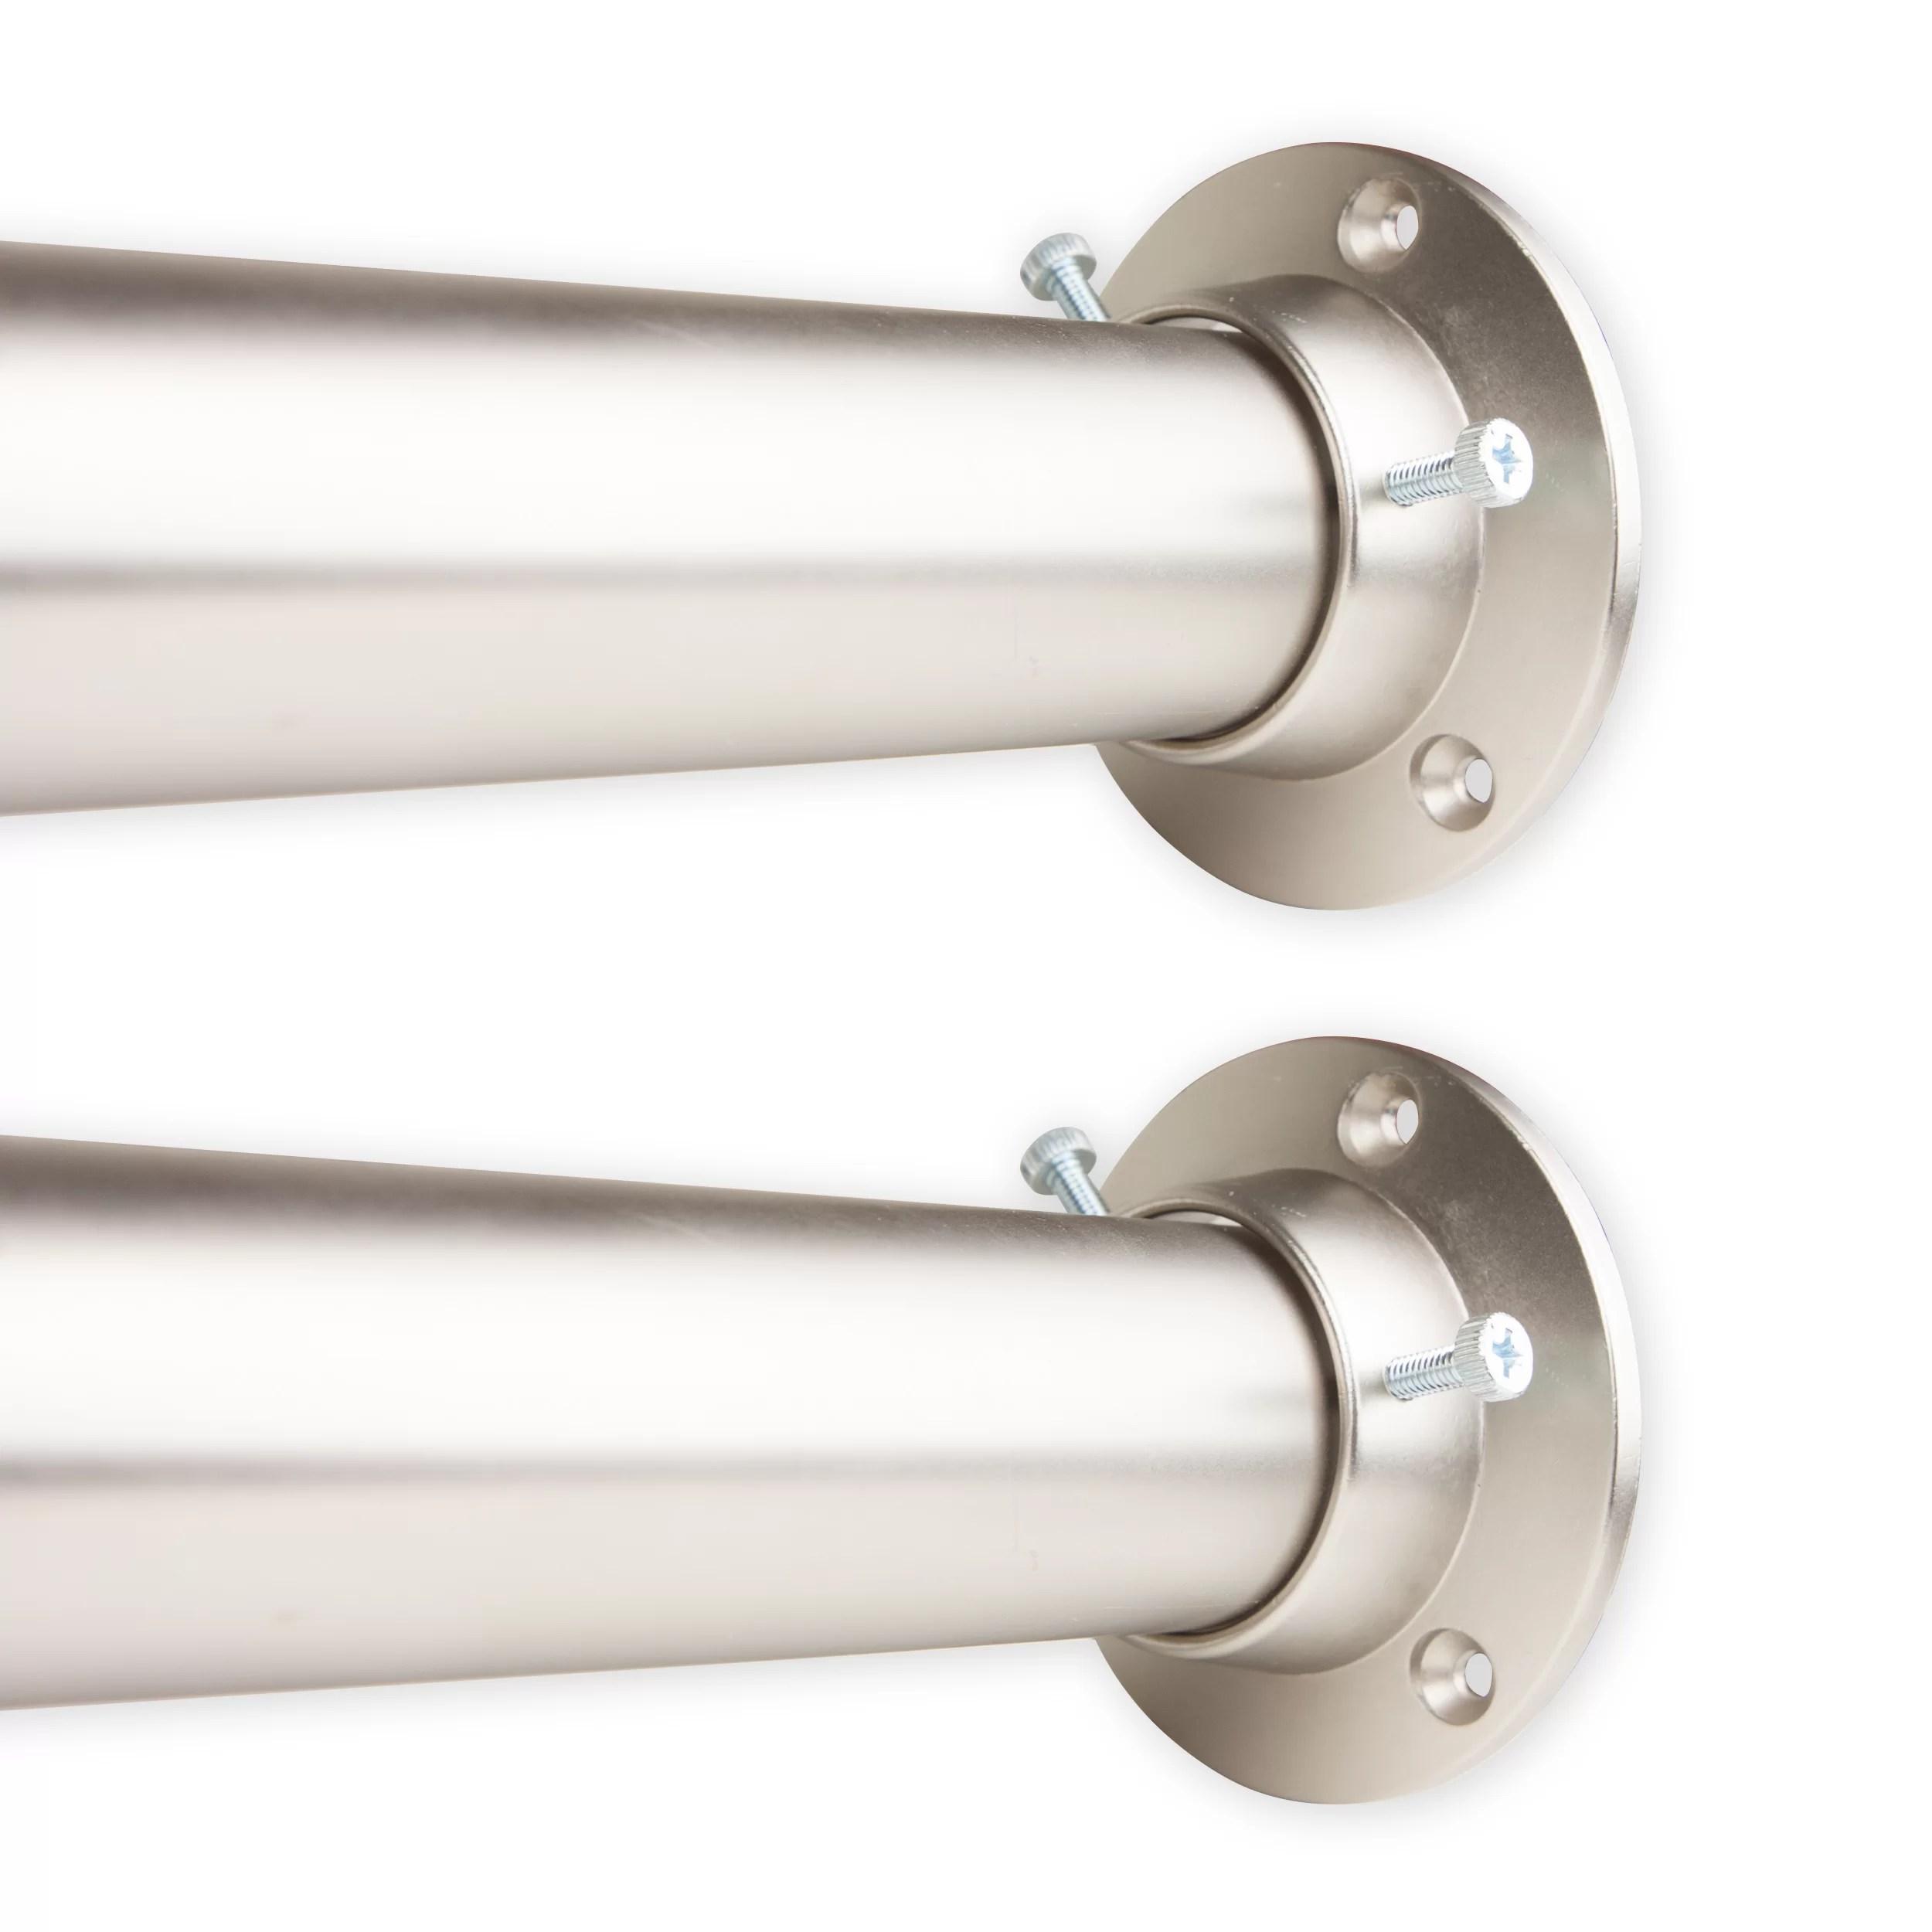 kurtz adjustable room divider and socket single curtain rod